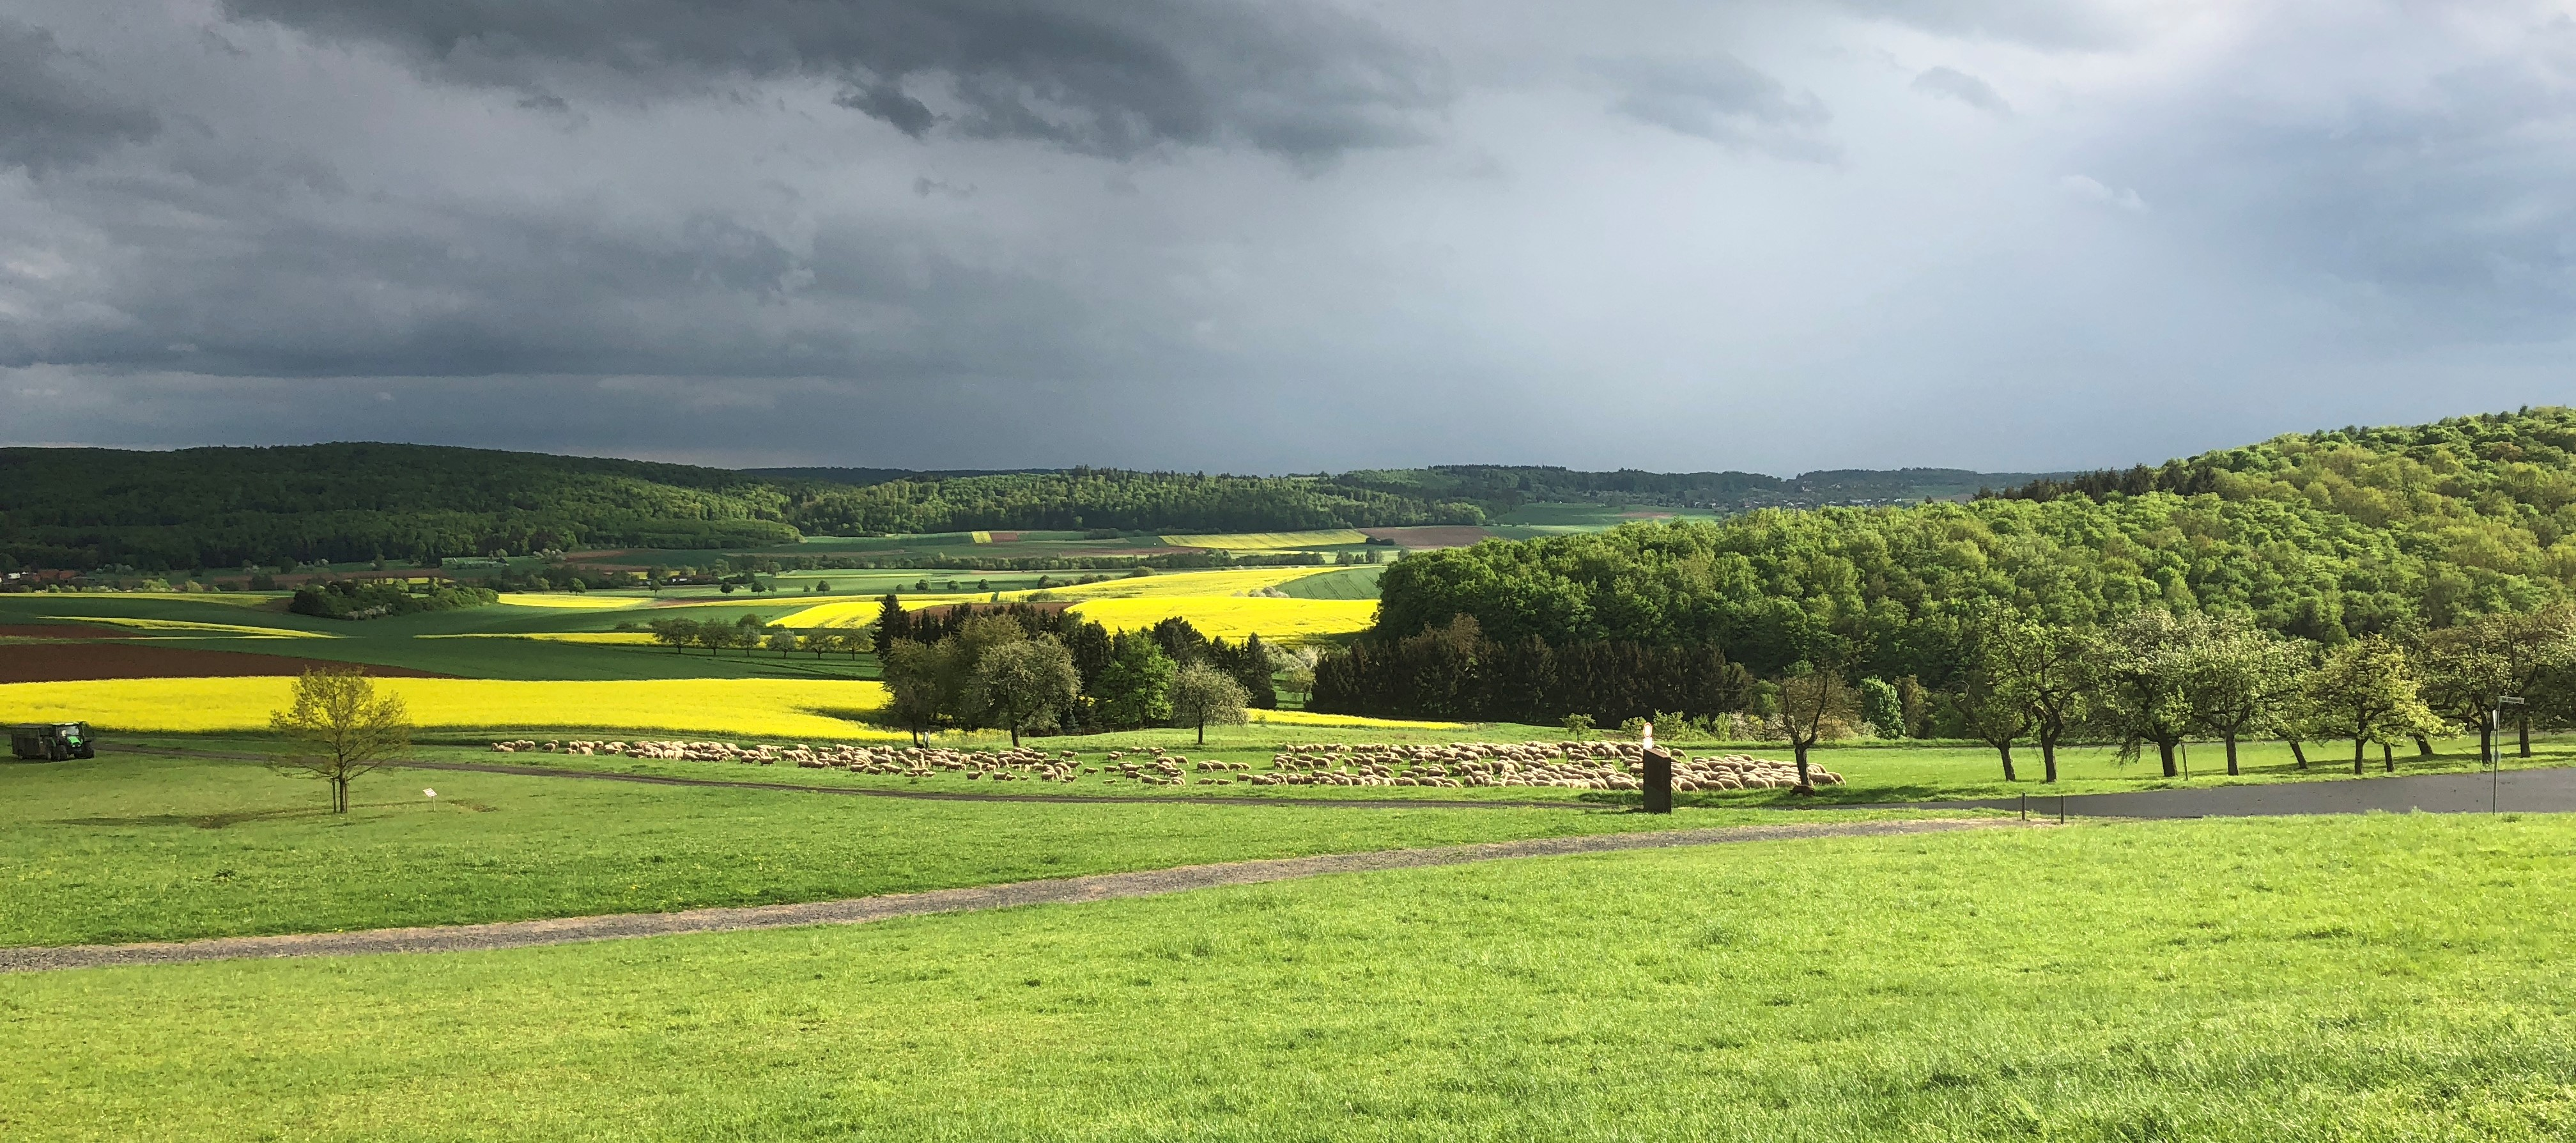 Schafe grasen am Südhang des Glaubergs